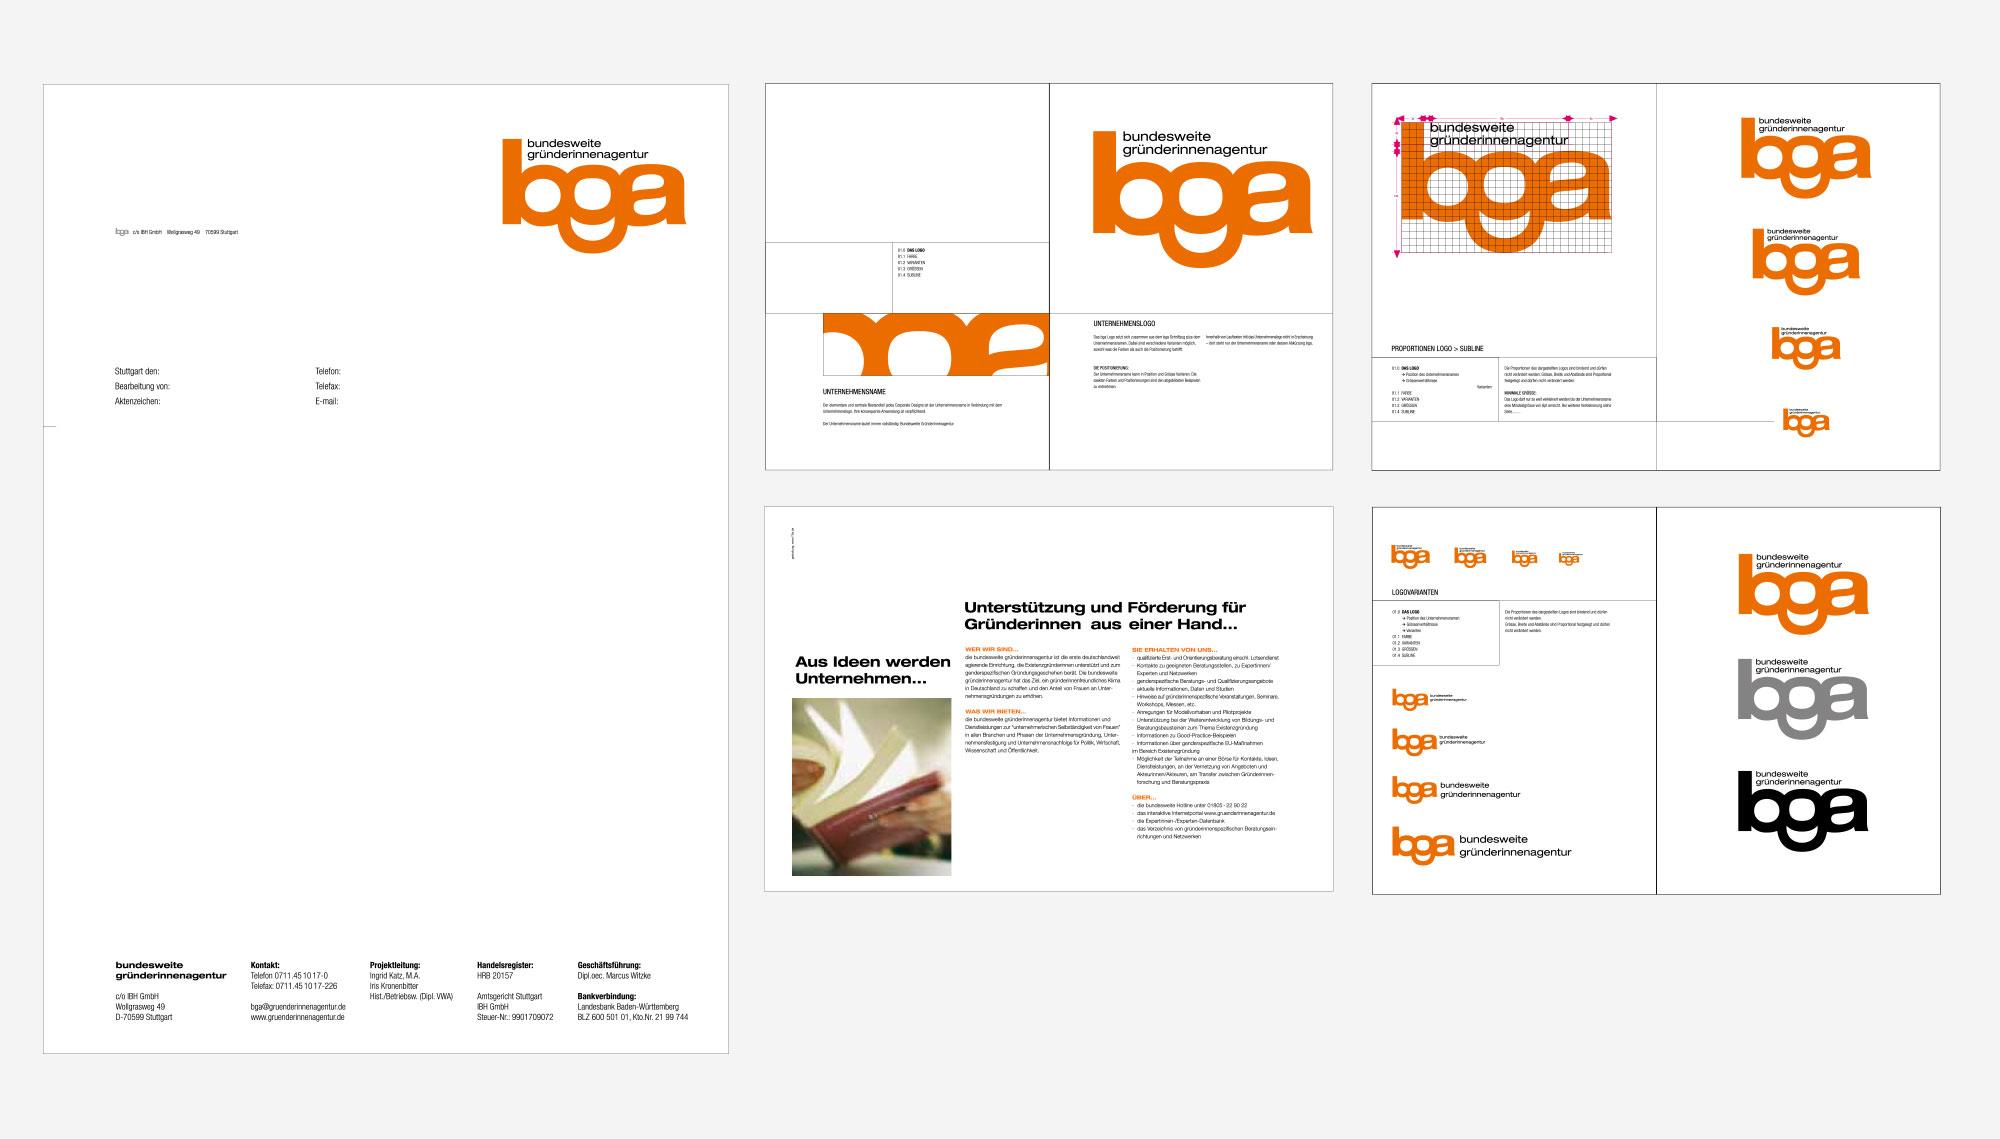 75a entwickelt das Corporate Design der Bundesweiten Gründerinnenagentur